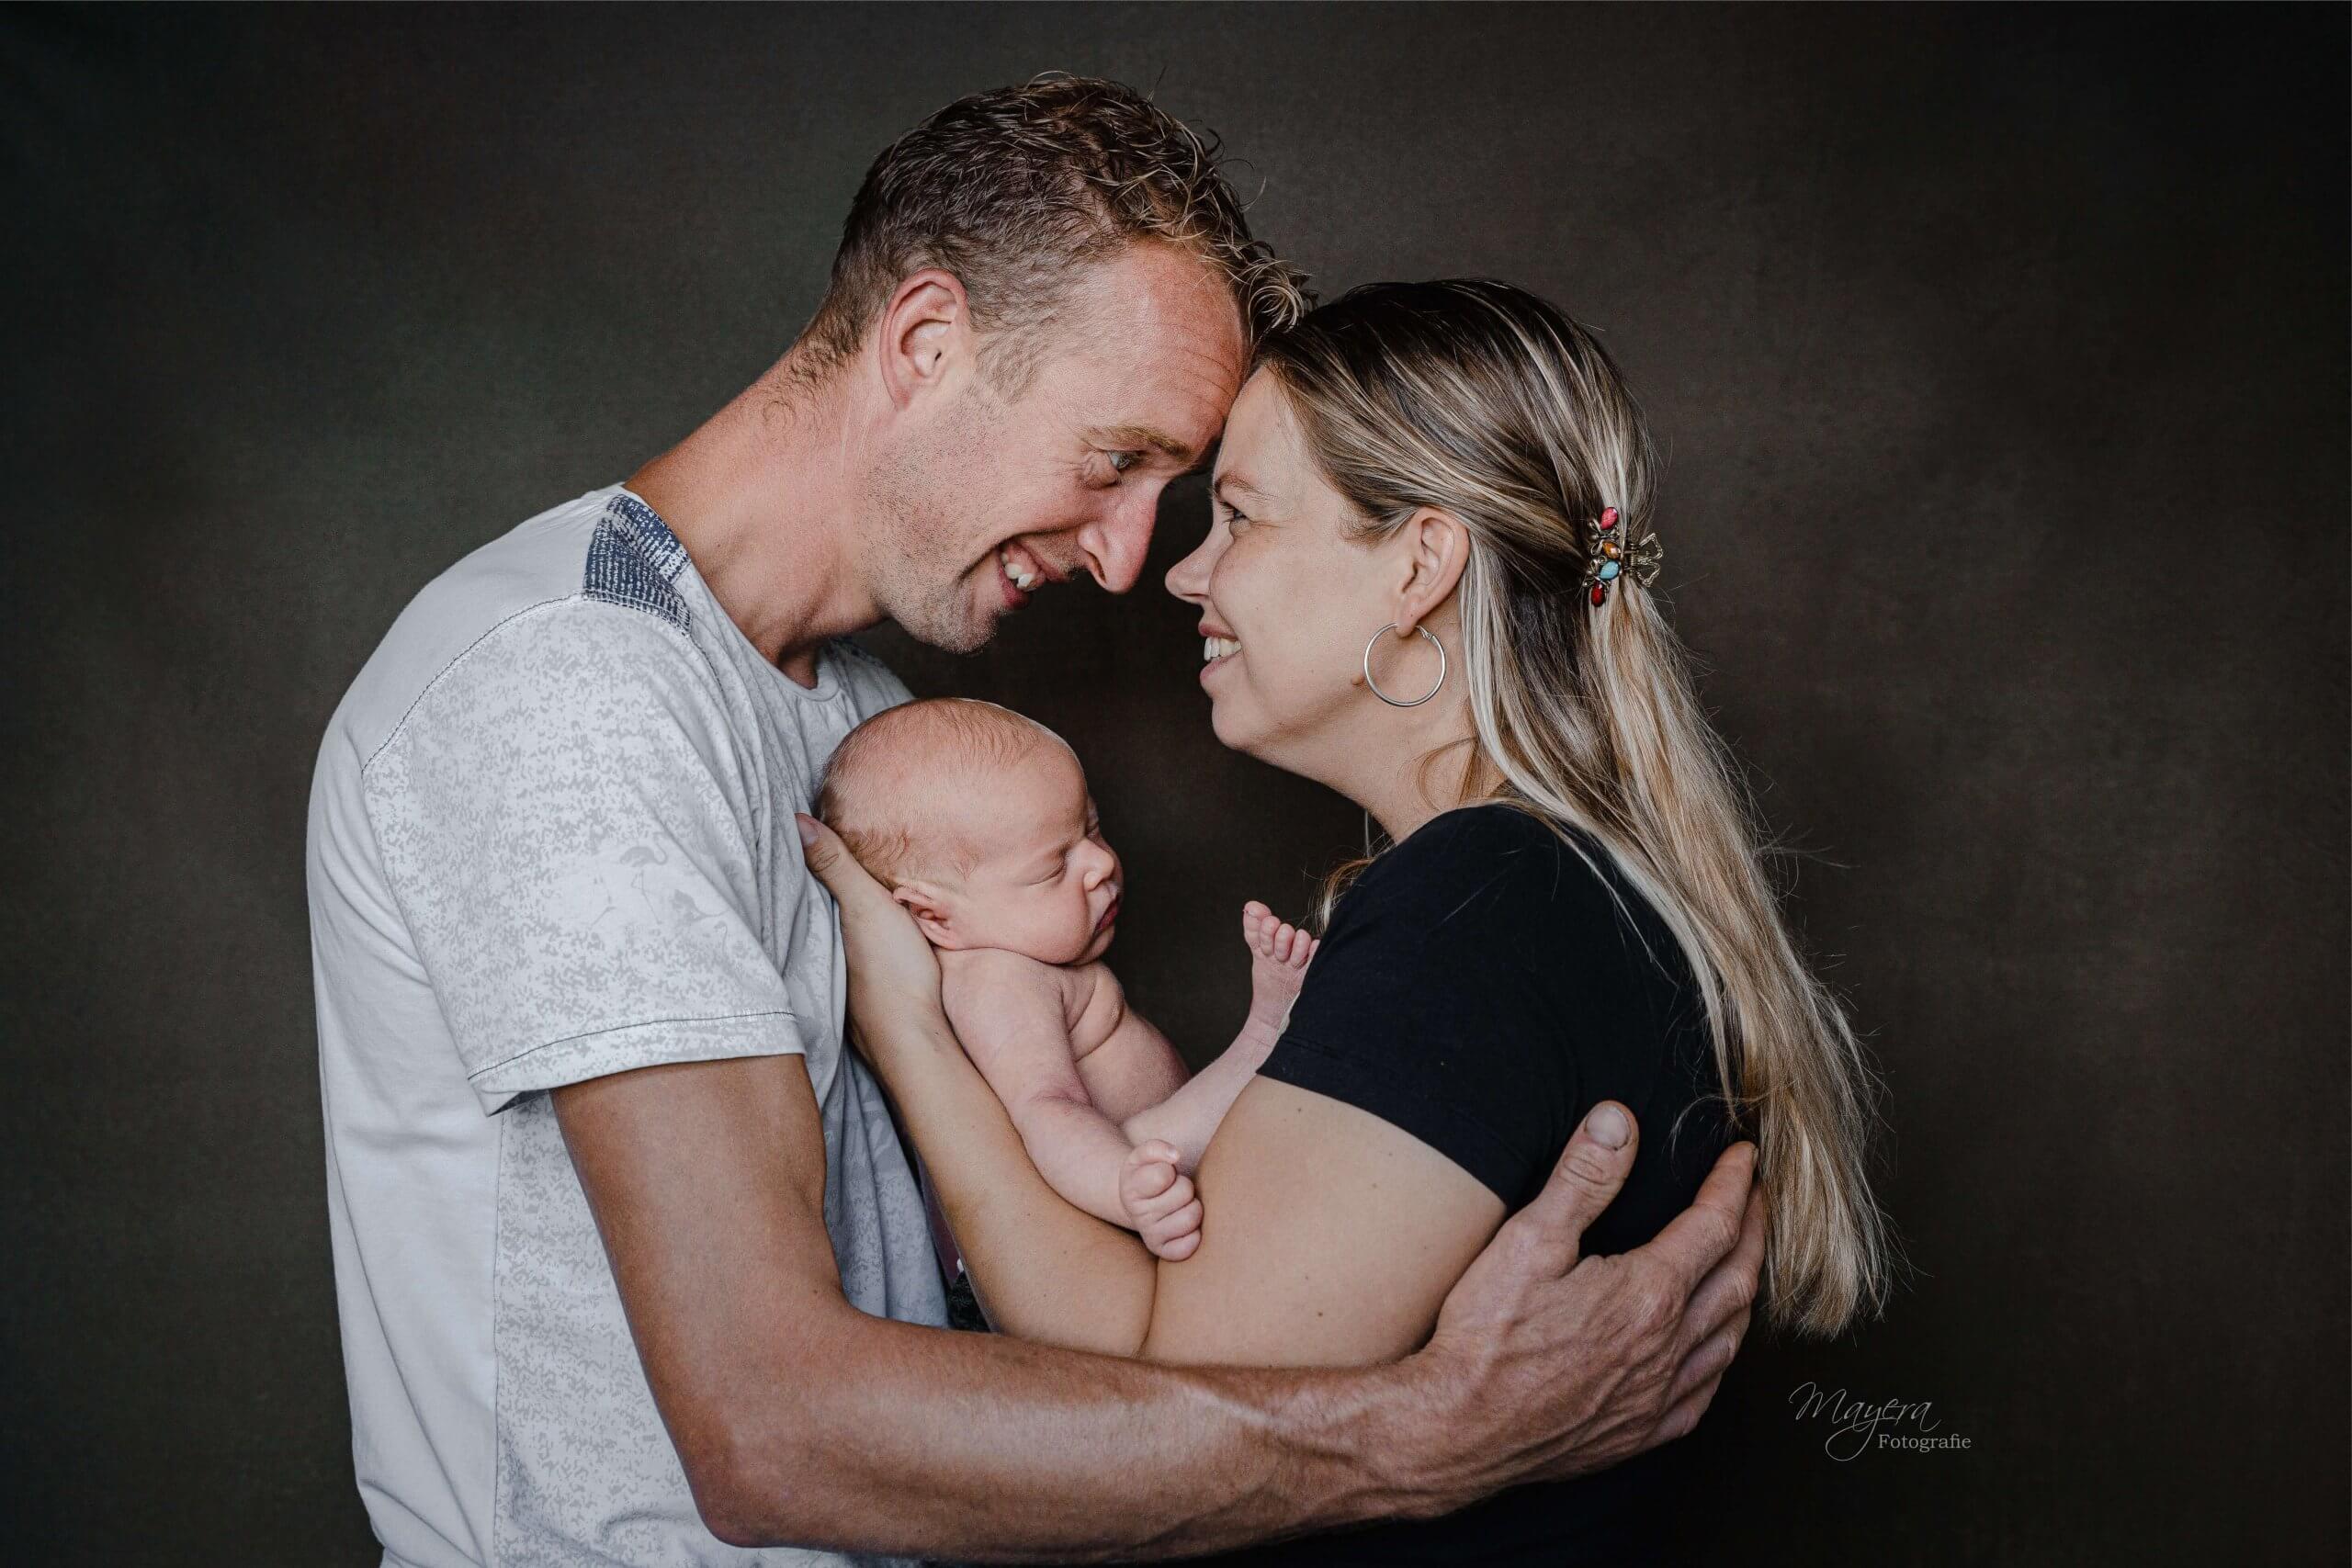 Newborn ouders portret newborn werkhoven odijk bunnik fotoshoot sessie